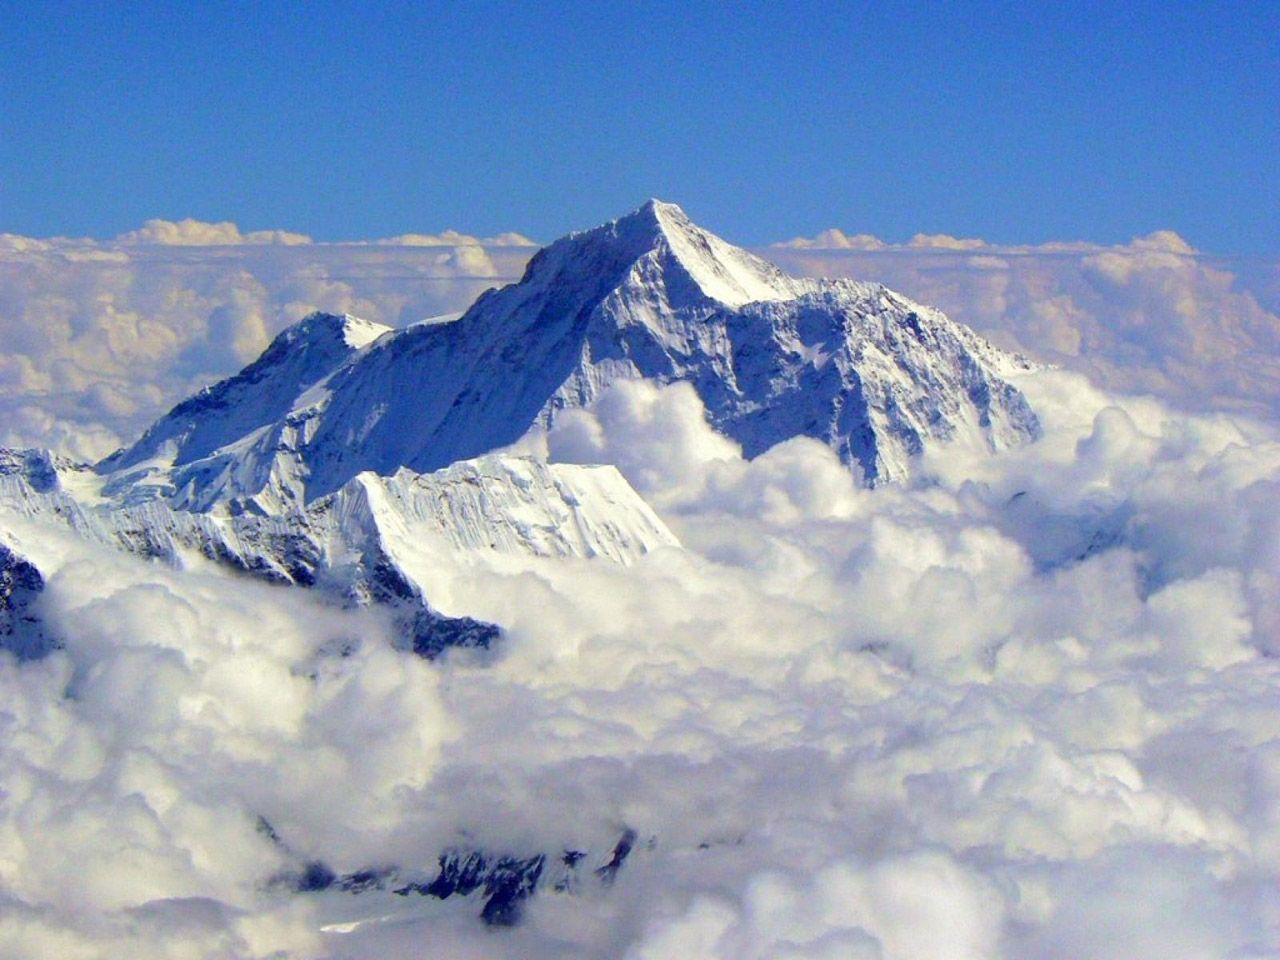 Mount Everest Wallpapers - HD Wallpapers Inn